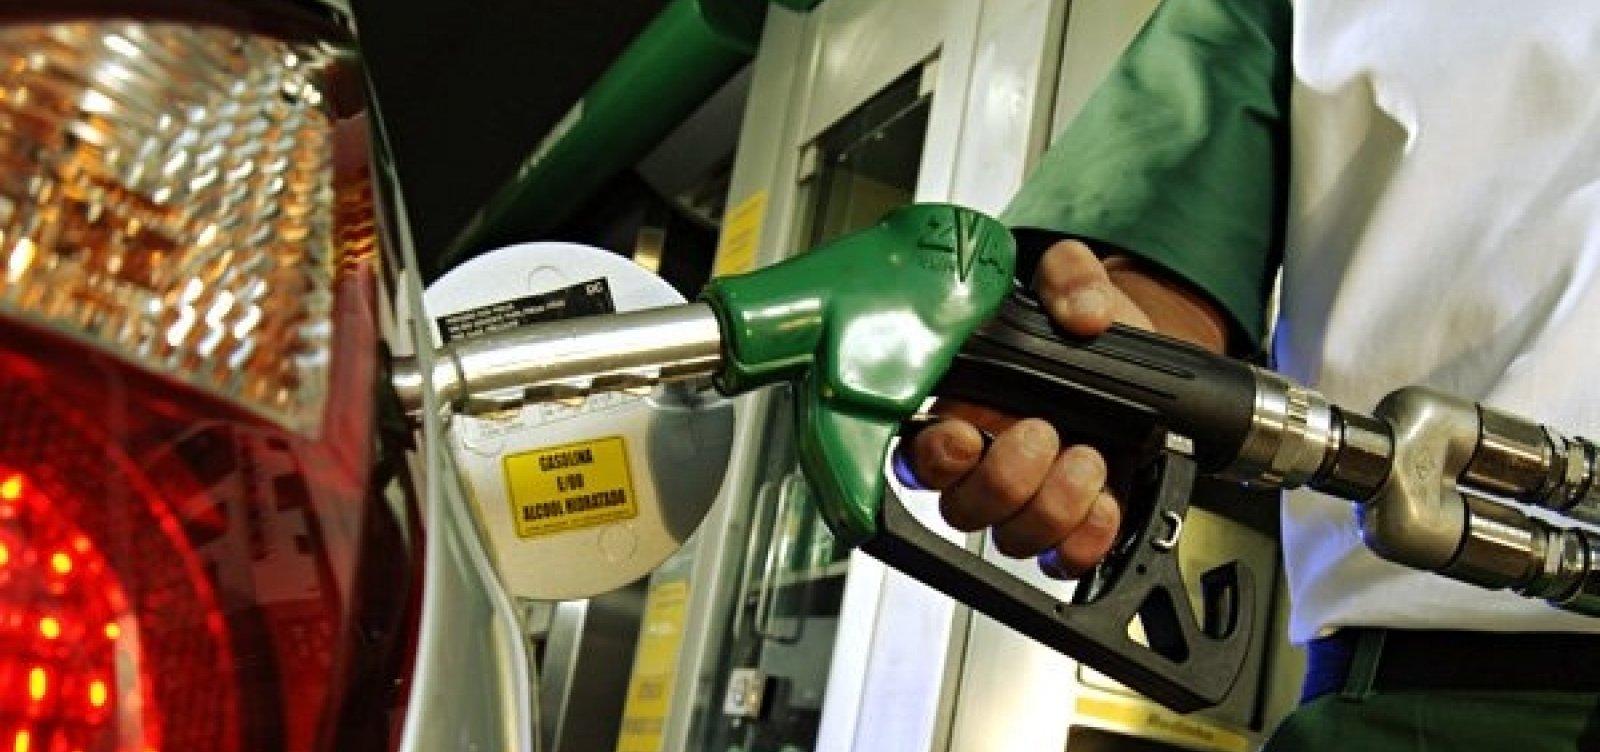 [Estudo aponta que medidas para baixar preço do diesel vão custar R$ 14,7 bilhões]